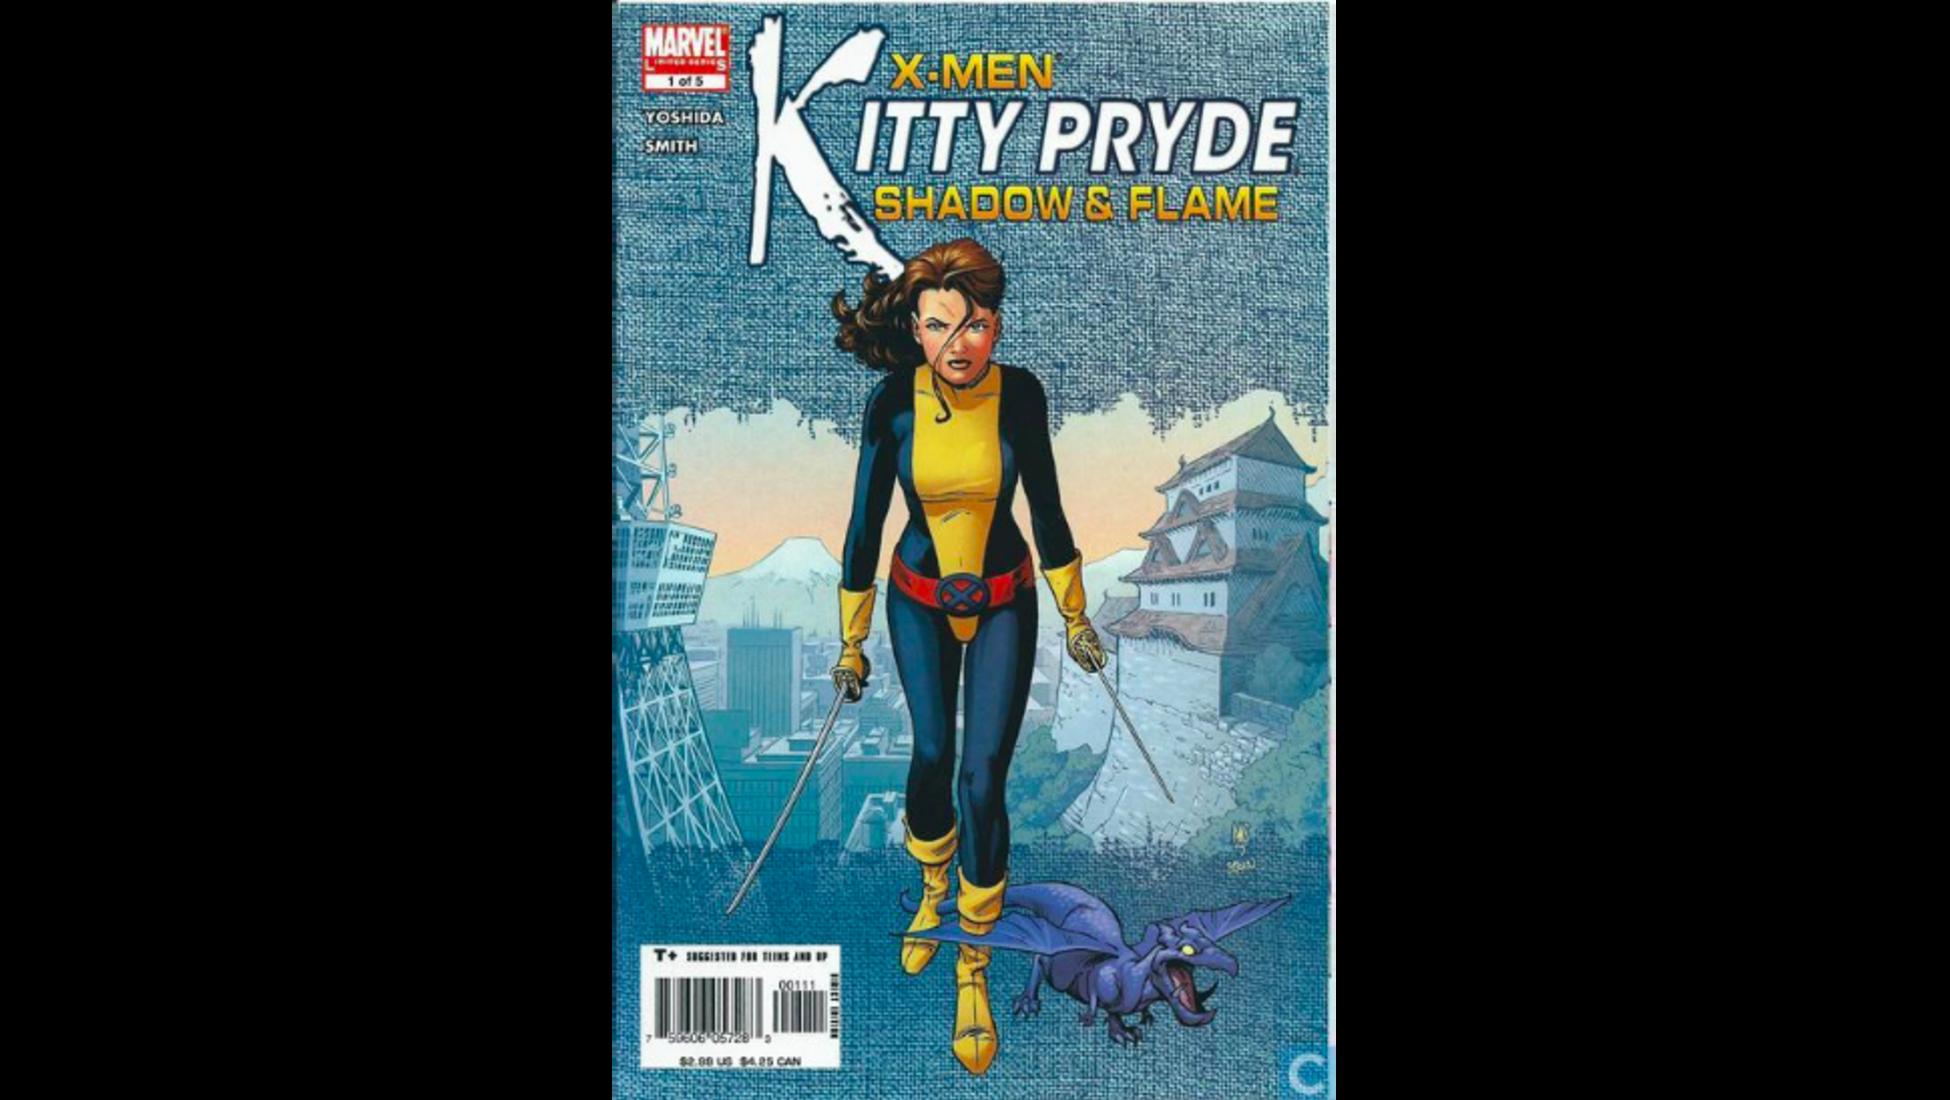 e78cfff56e02 10 mujeres influyentes de los cómics estadounidenses - Catawiki